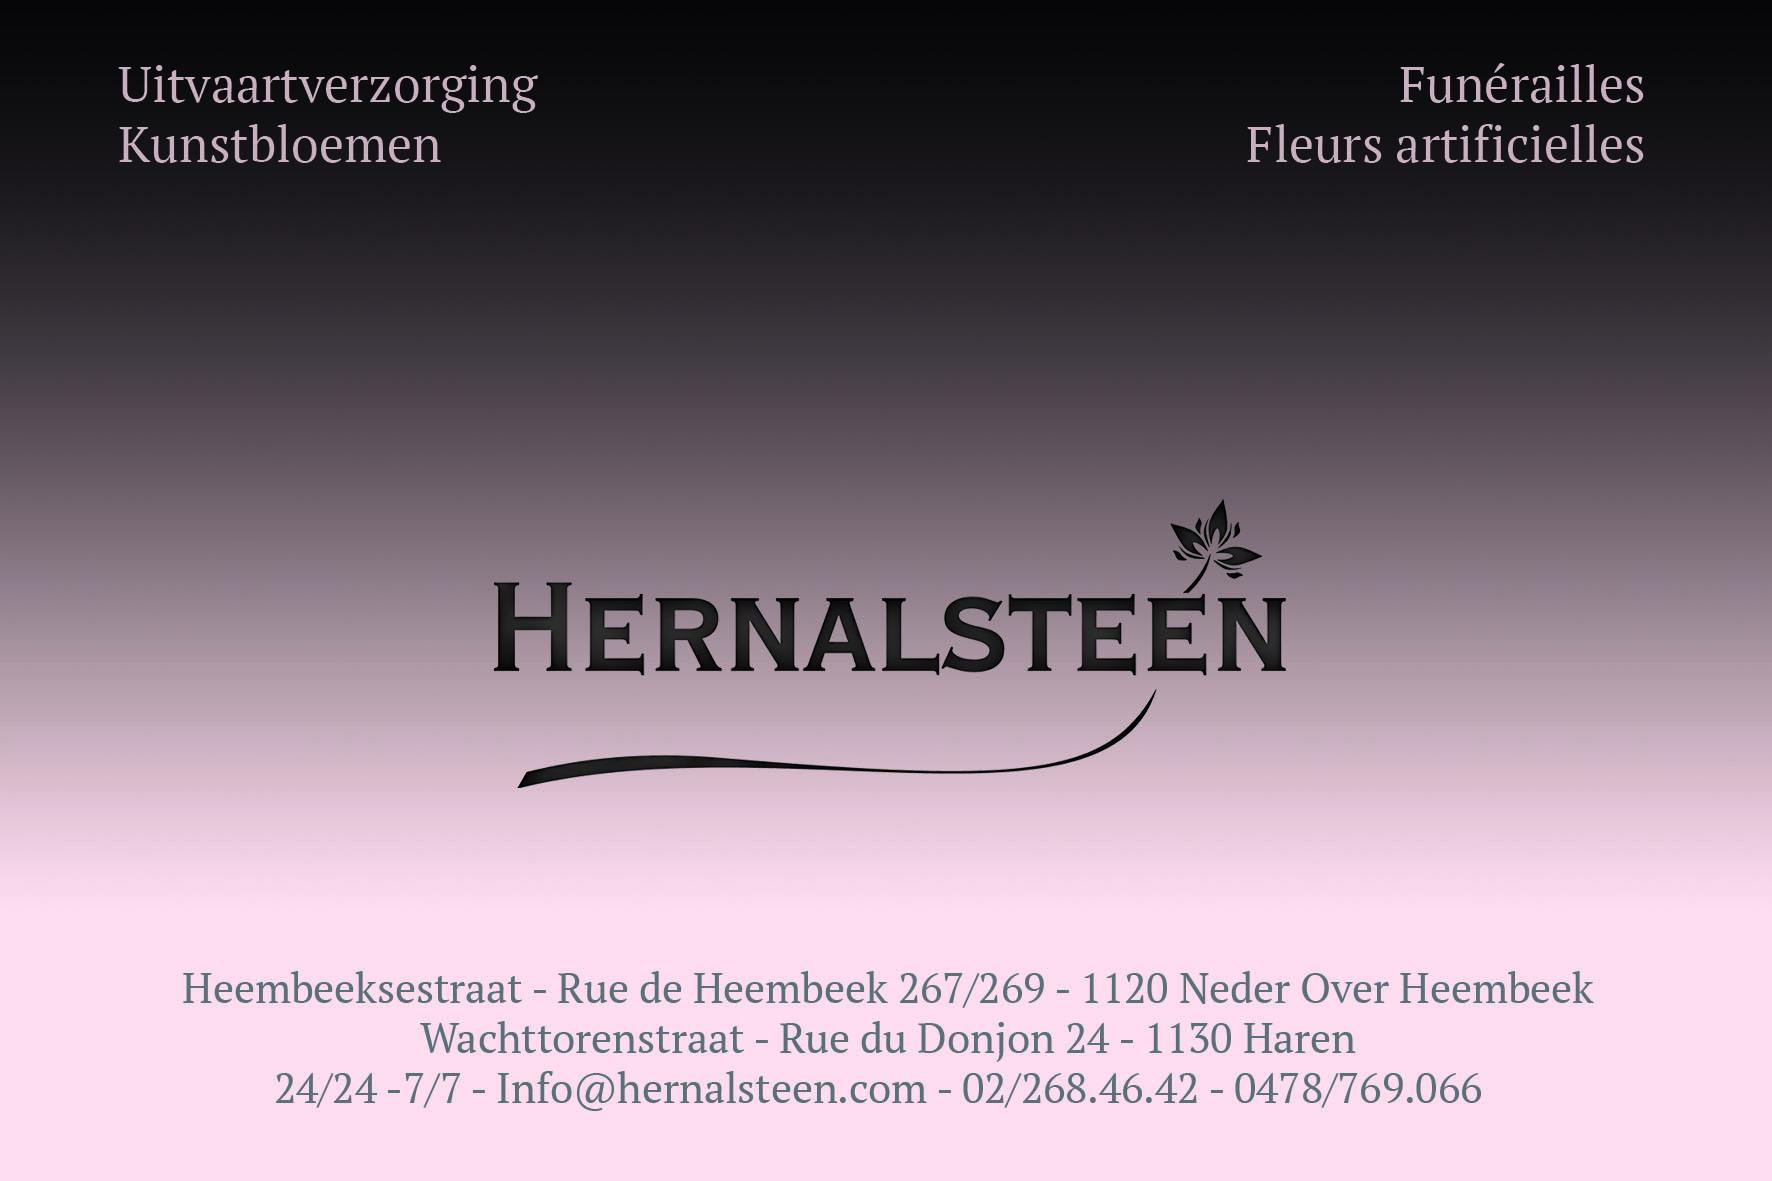 Begrafenissen Hernalsteen